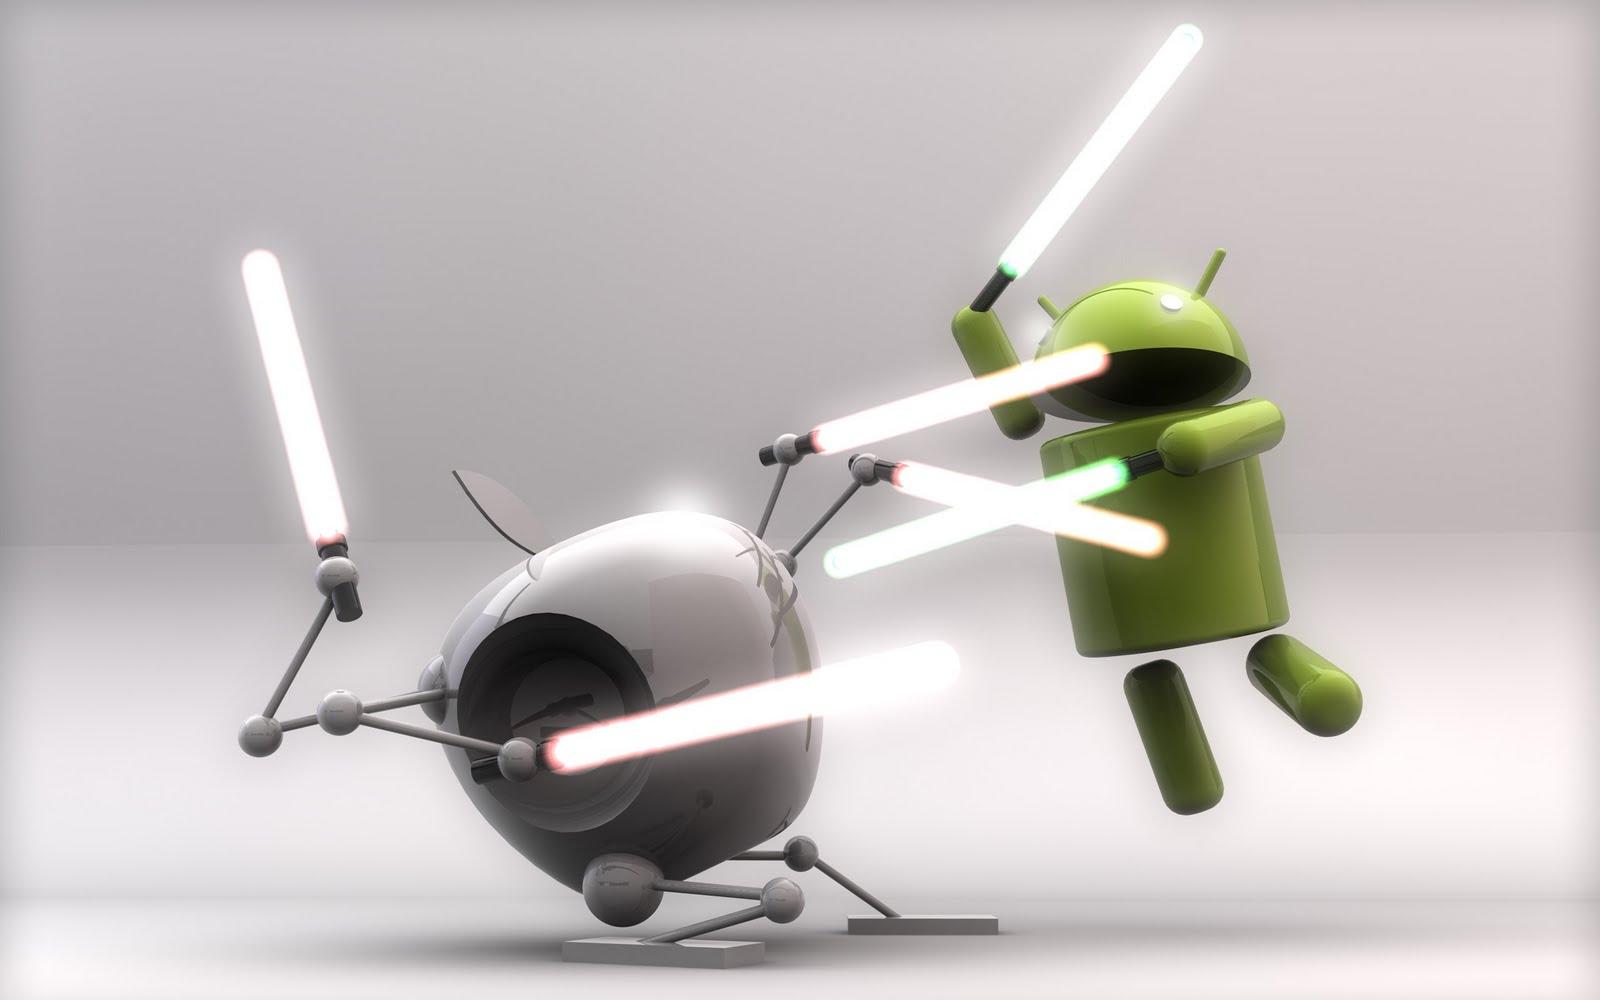 android-ou-ios-entenda-a-diferenca-entre-os-sistemas-mobile